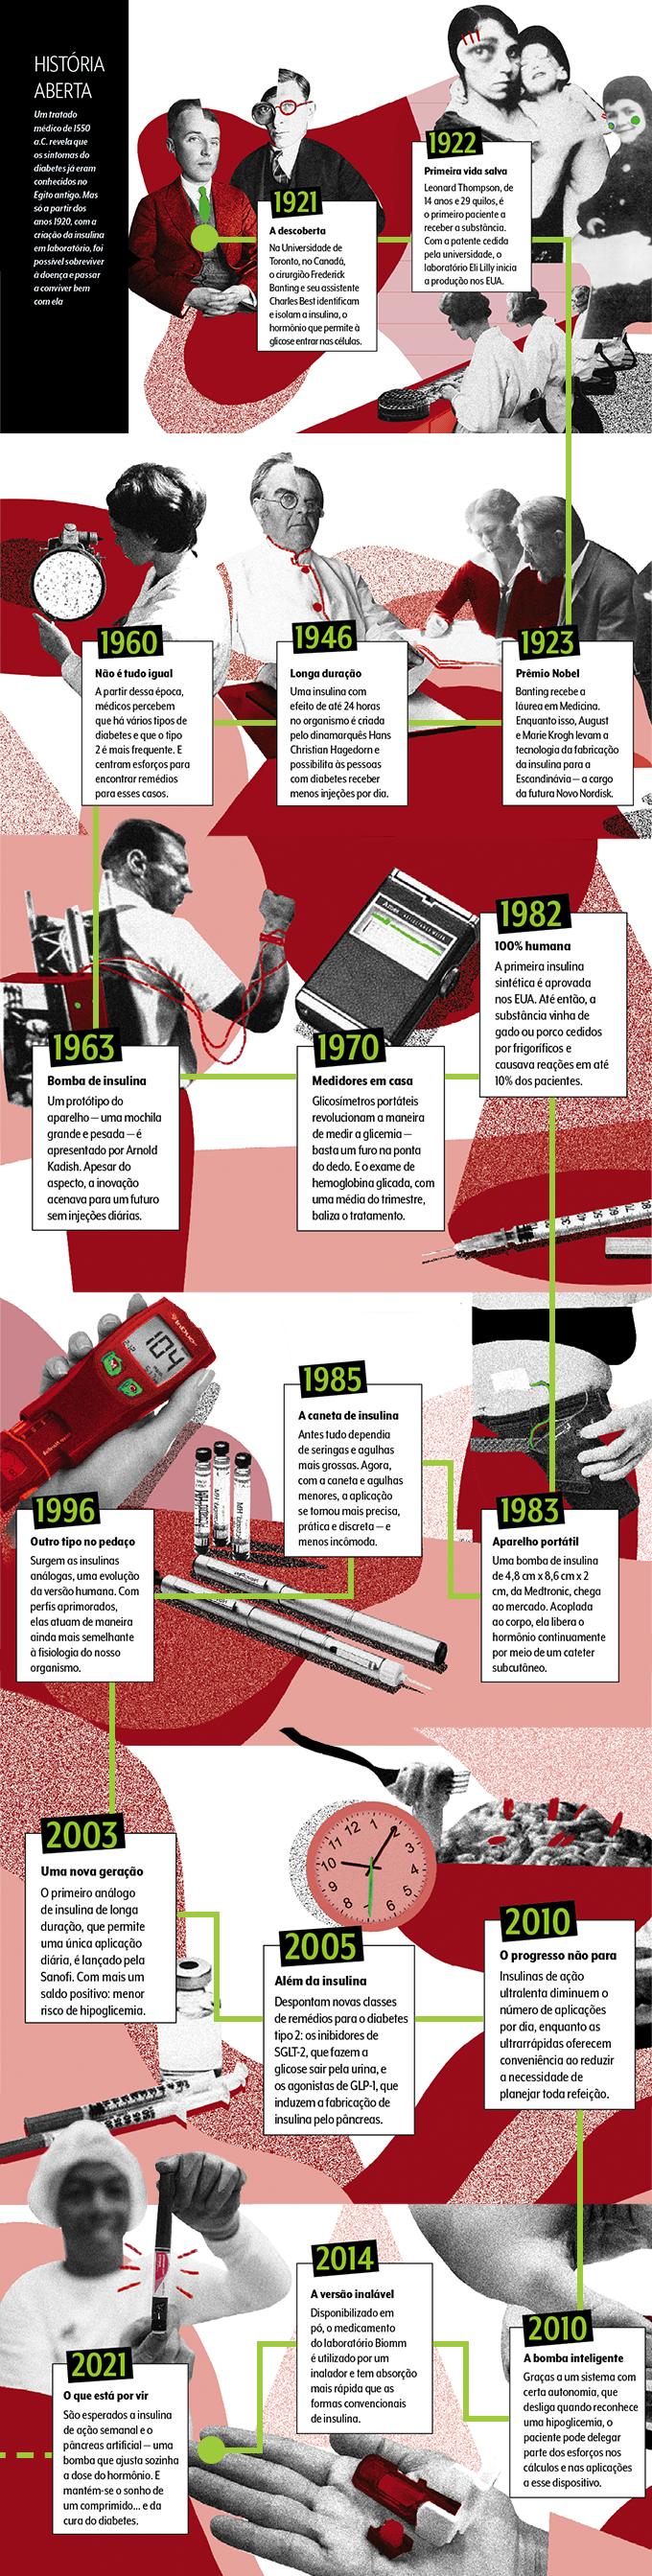 foto da linha do tempo com os marcos da história da insulina